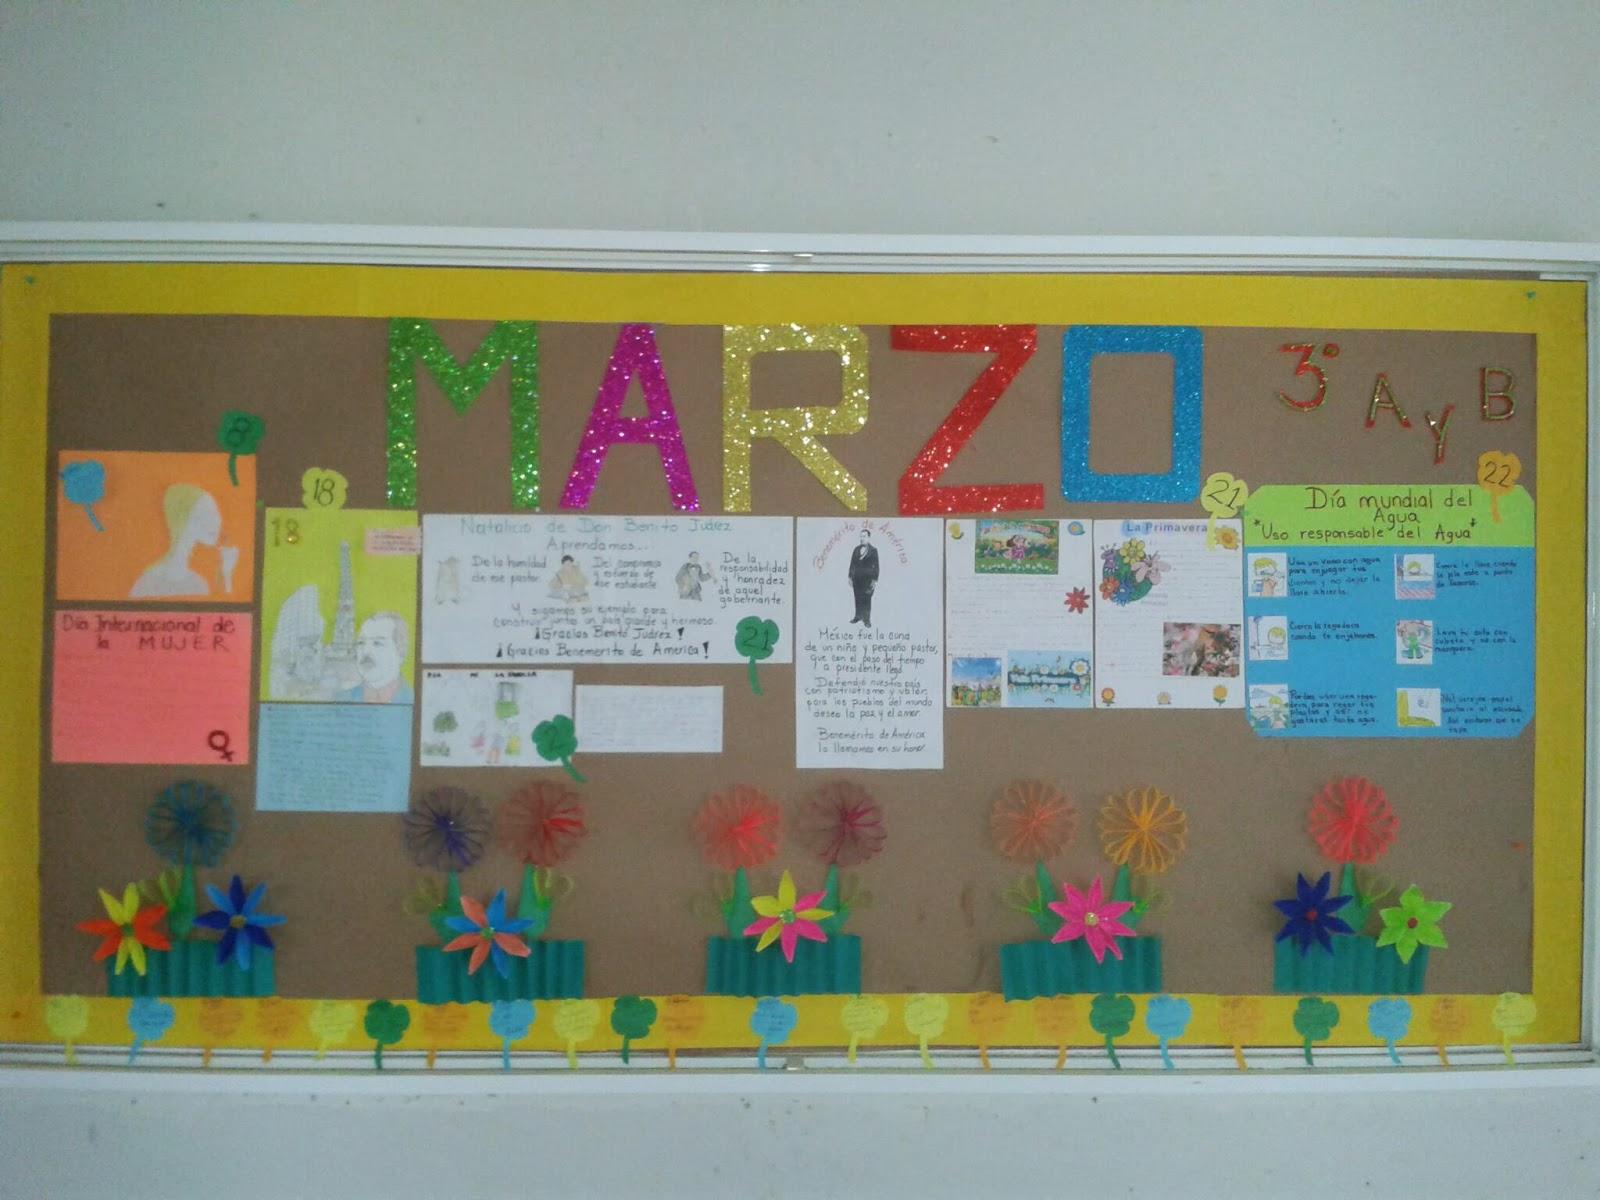 Escuela primaria nicol s bravo nuestro peri dico mural for Como elaborar un periodico mural